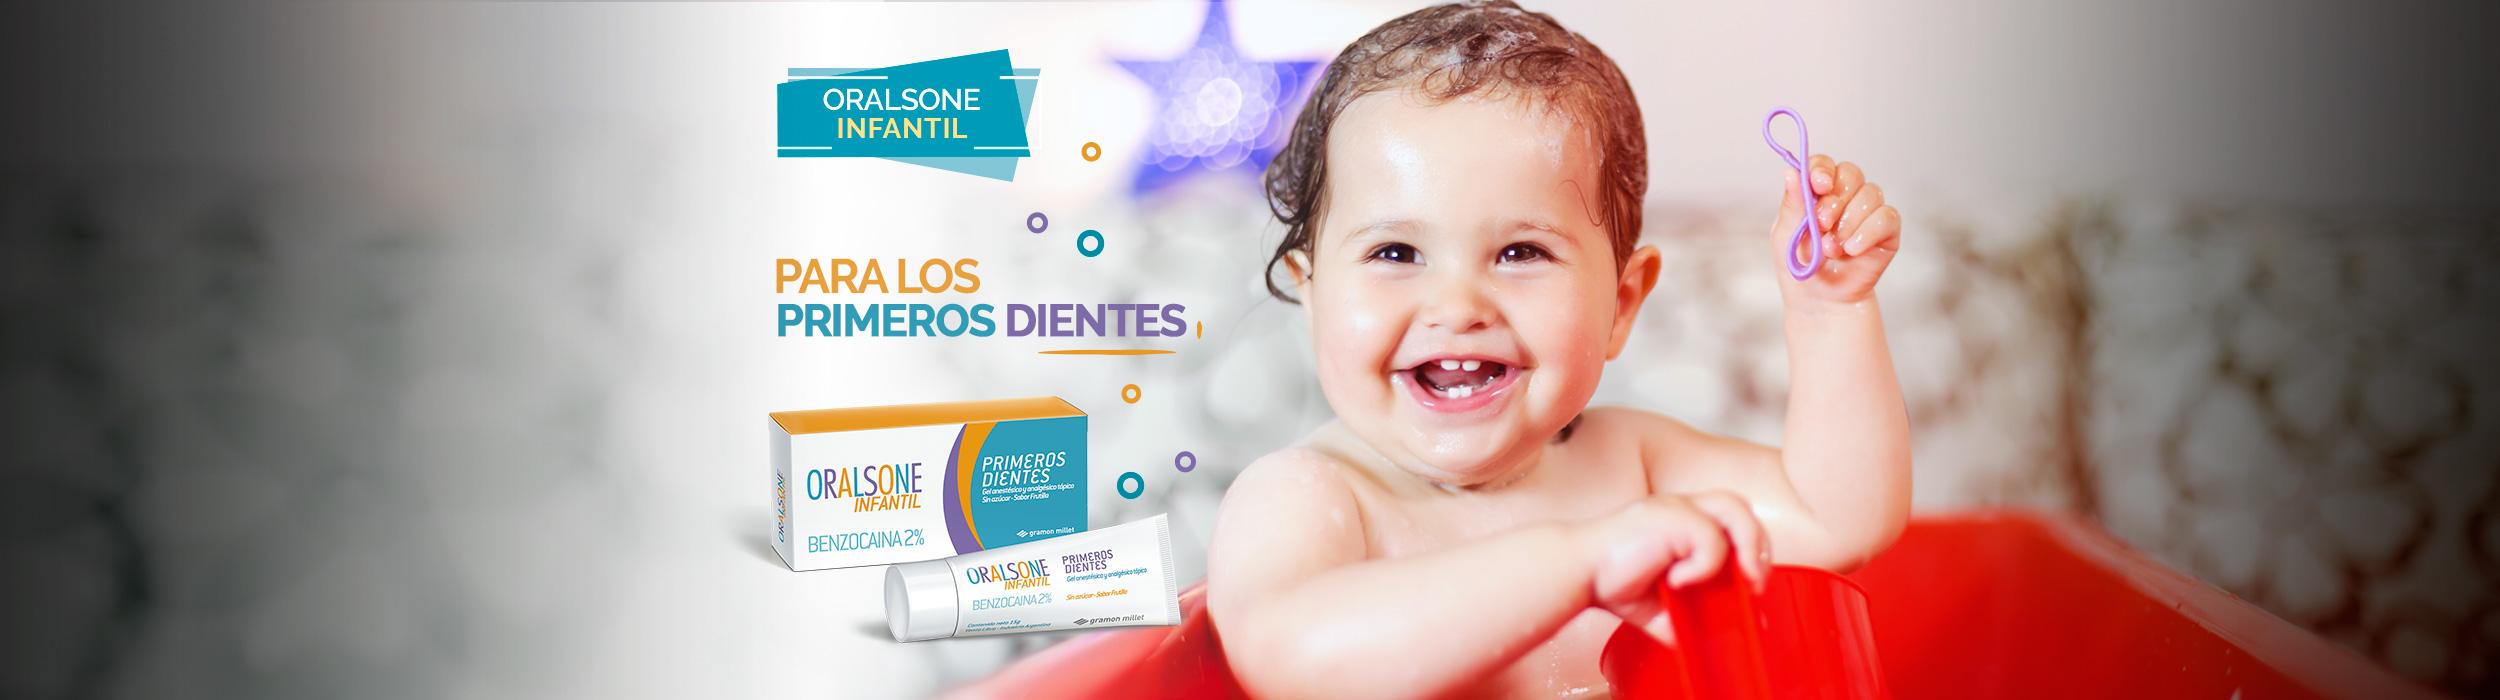 Oralsone Infantil